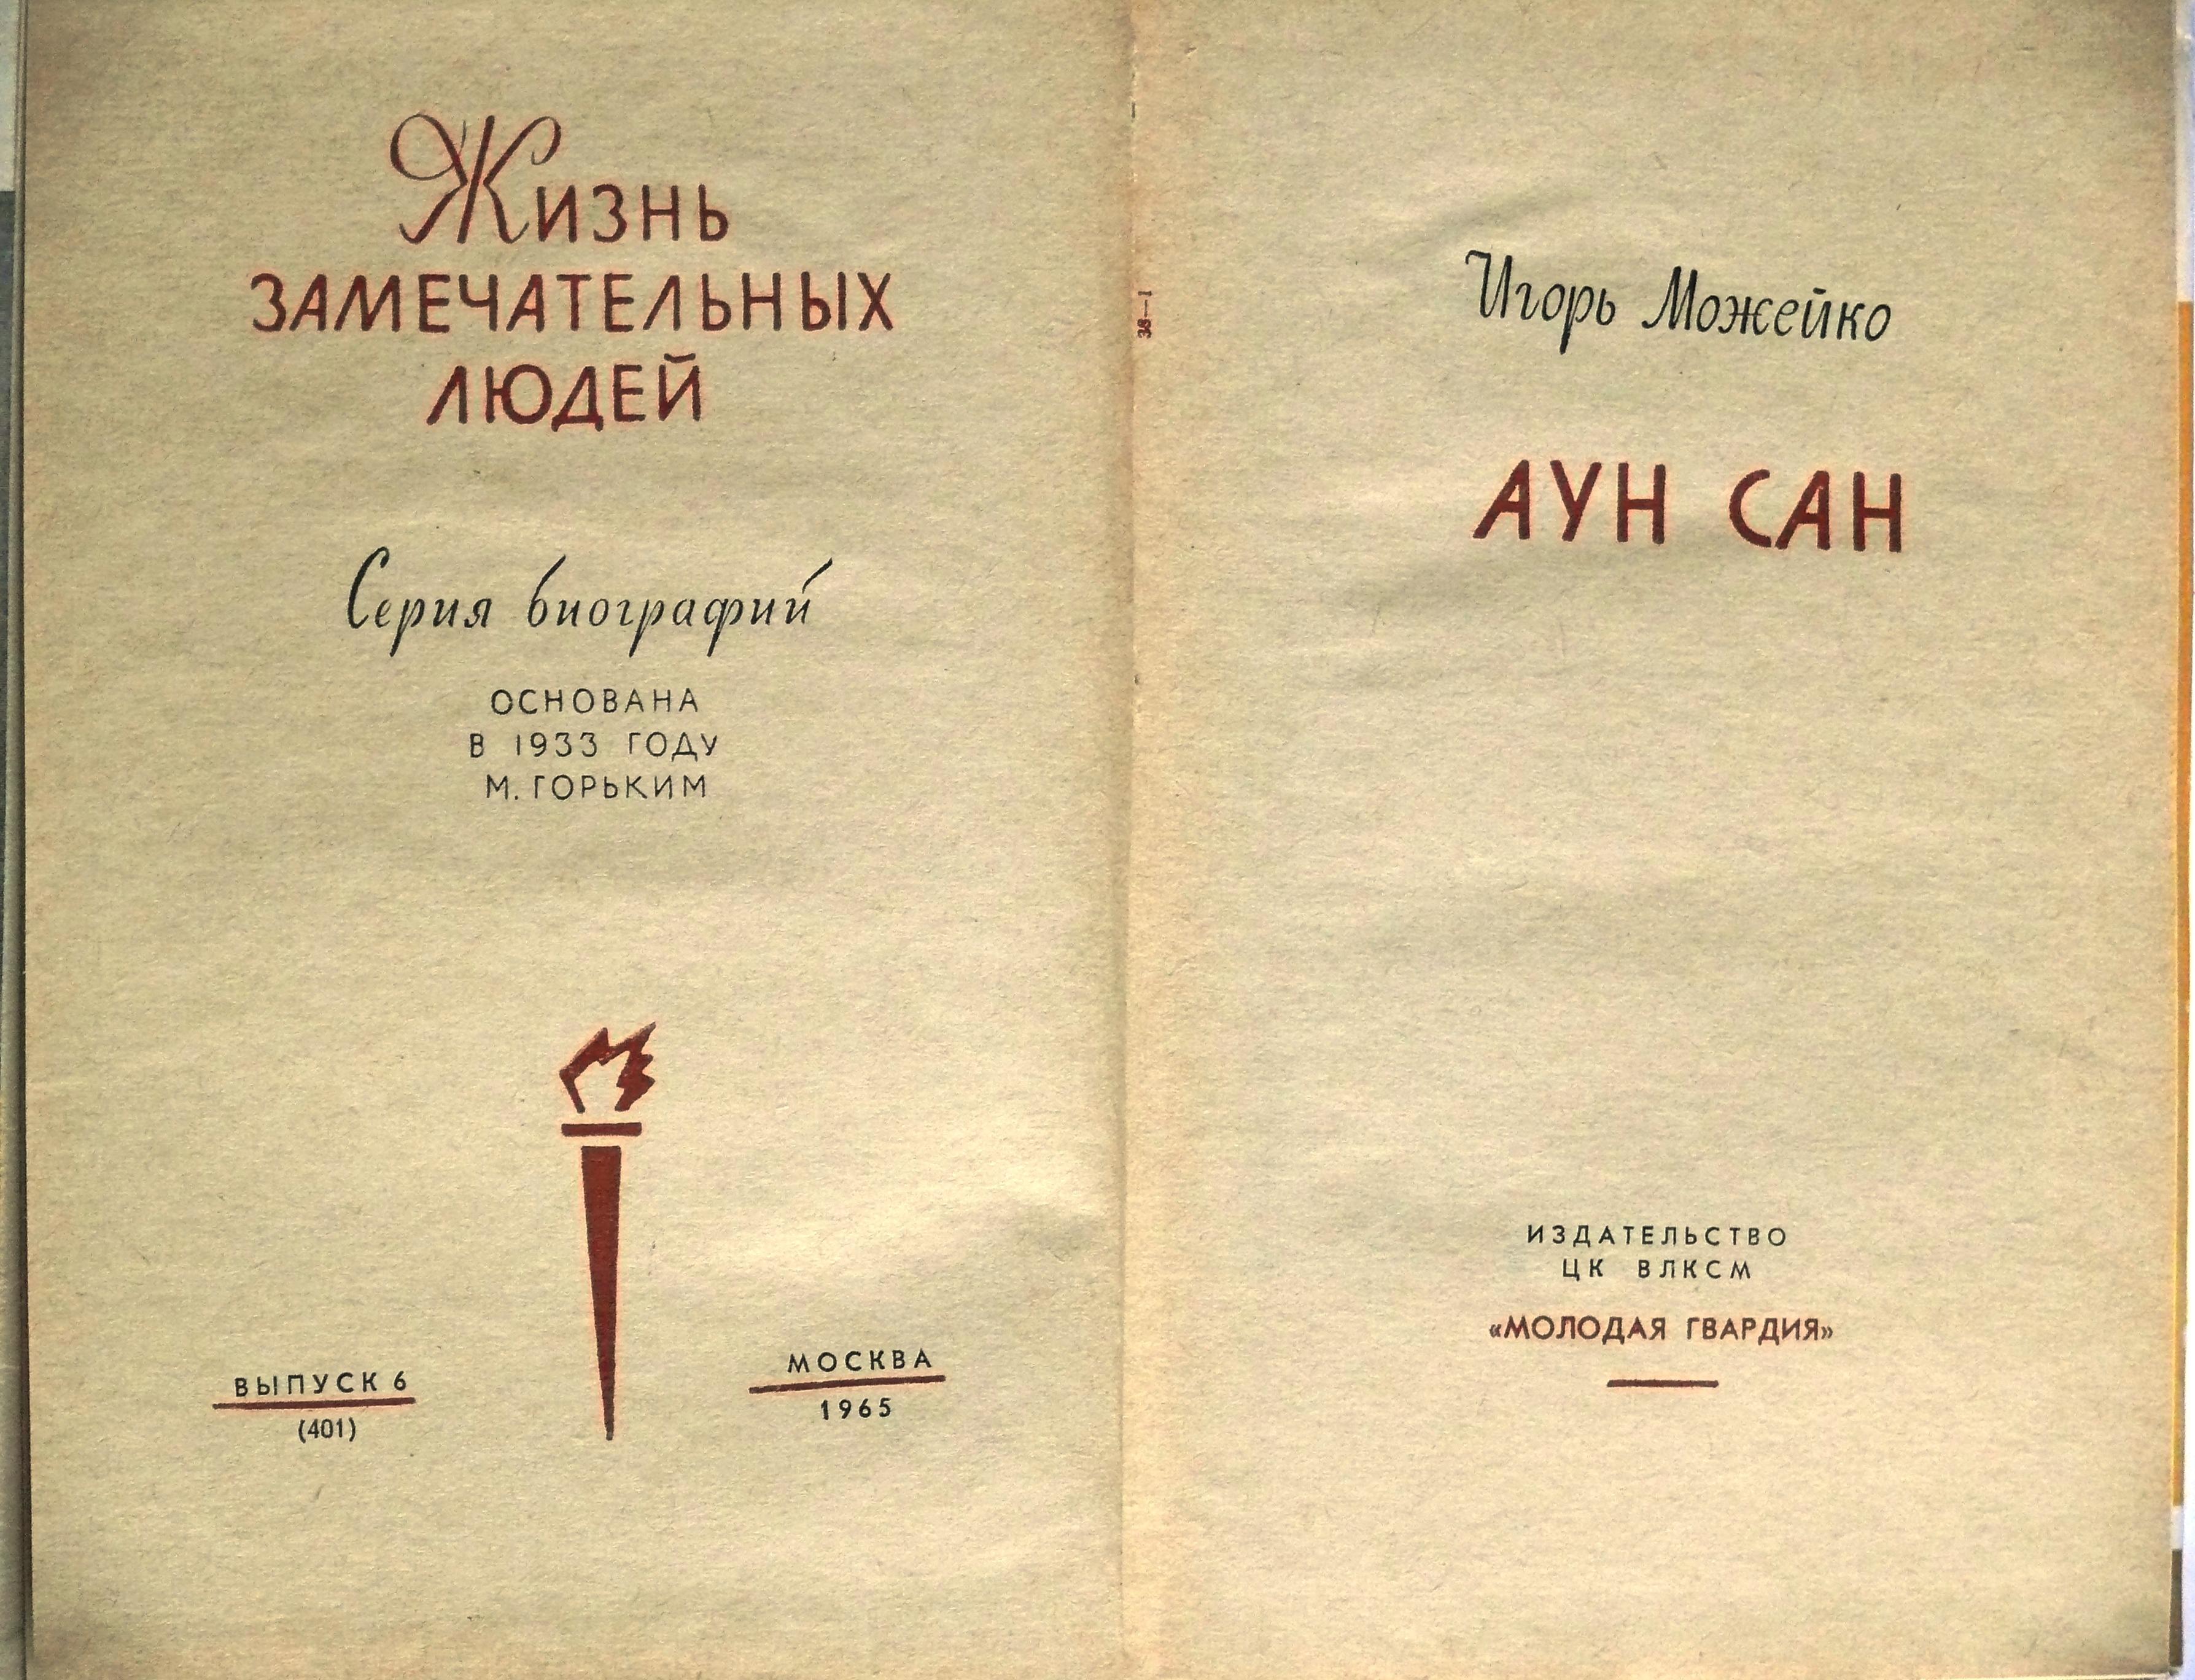 Igor Mozheiko 1965Title page.jpg